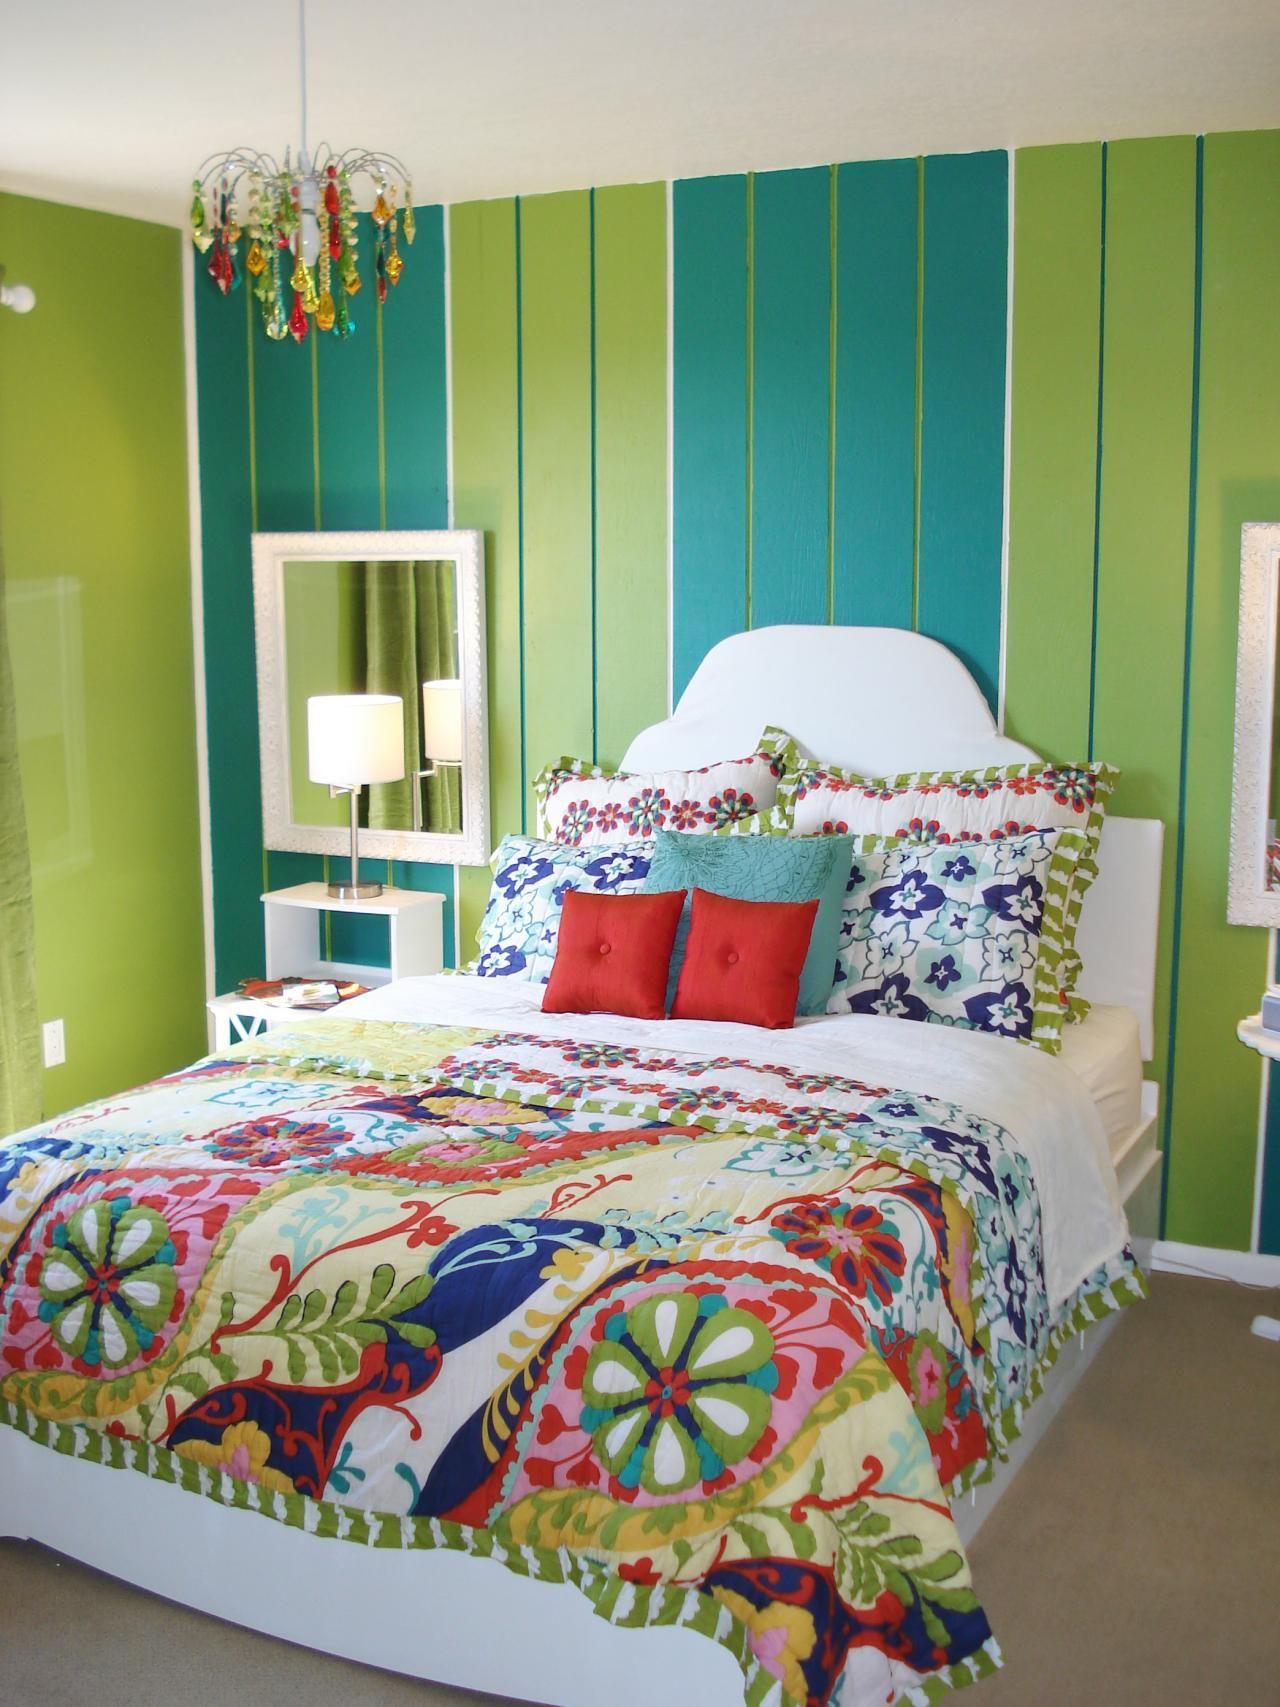 Como decorar dormitorio juvenil | Decoración habitaciones juveniles ...